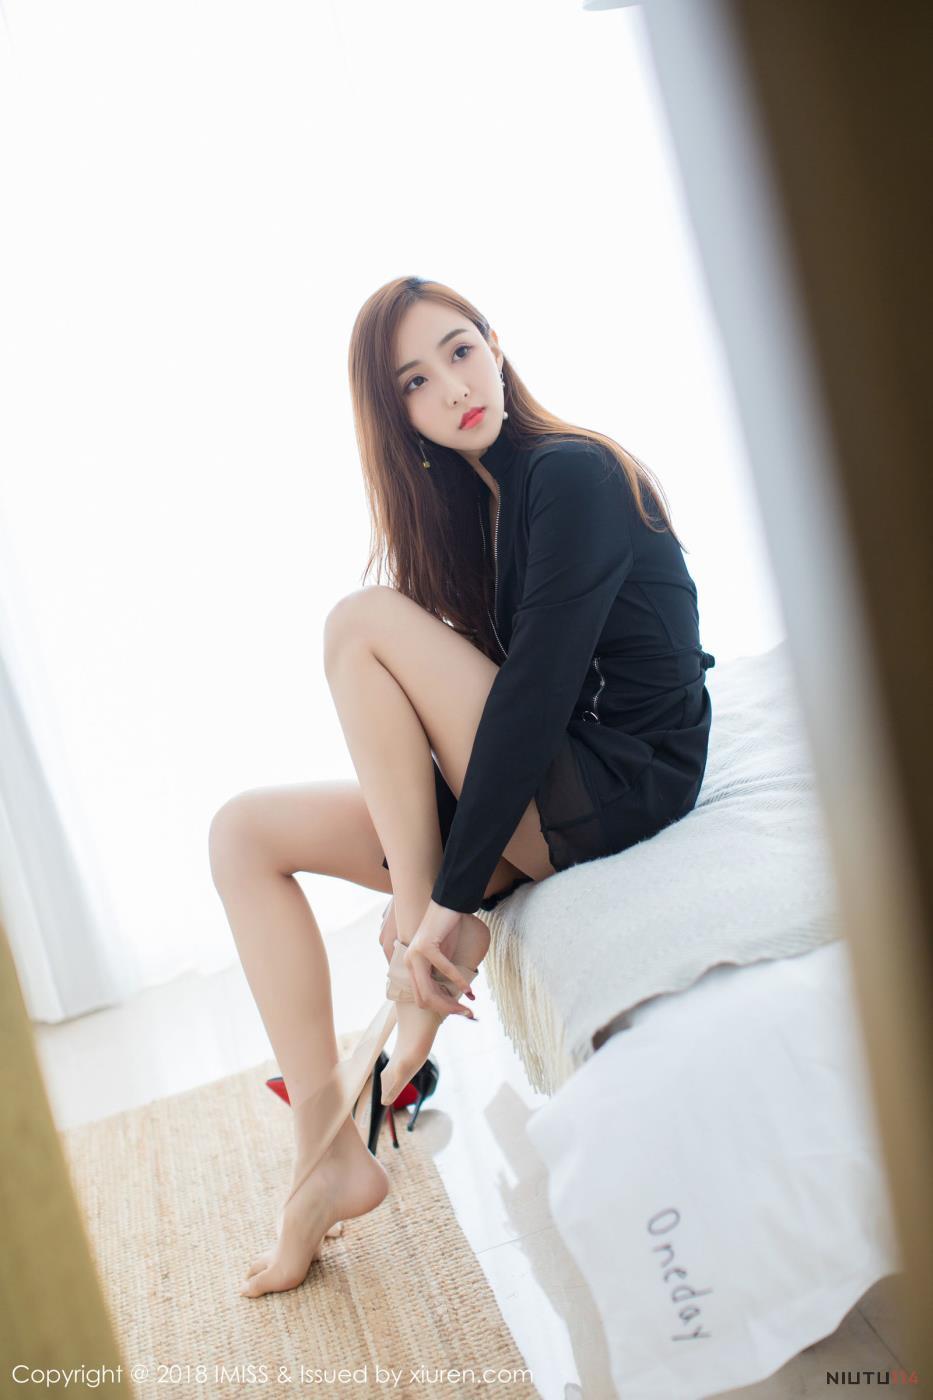 爱蜜社气质美女猫宝性感御姐丝袜美腿大尺度写真图片